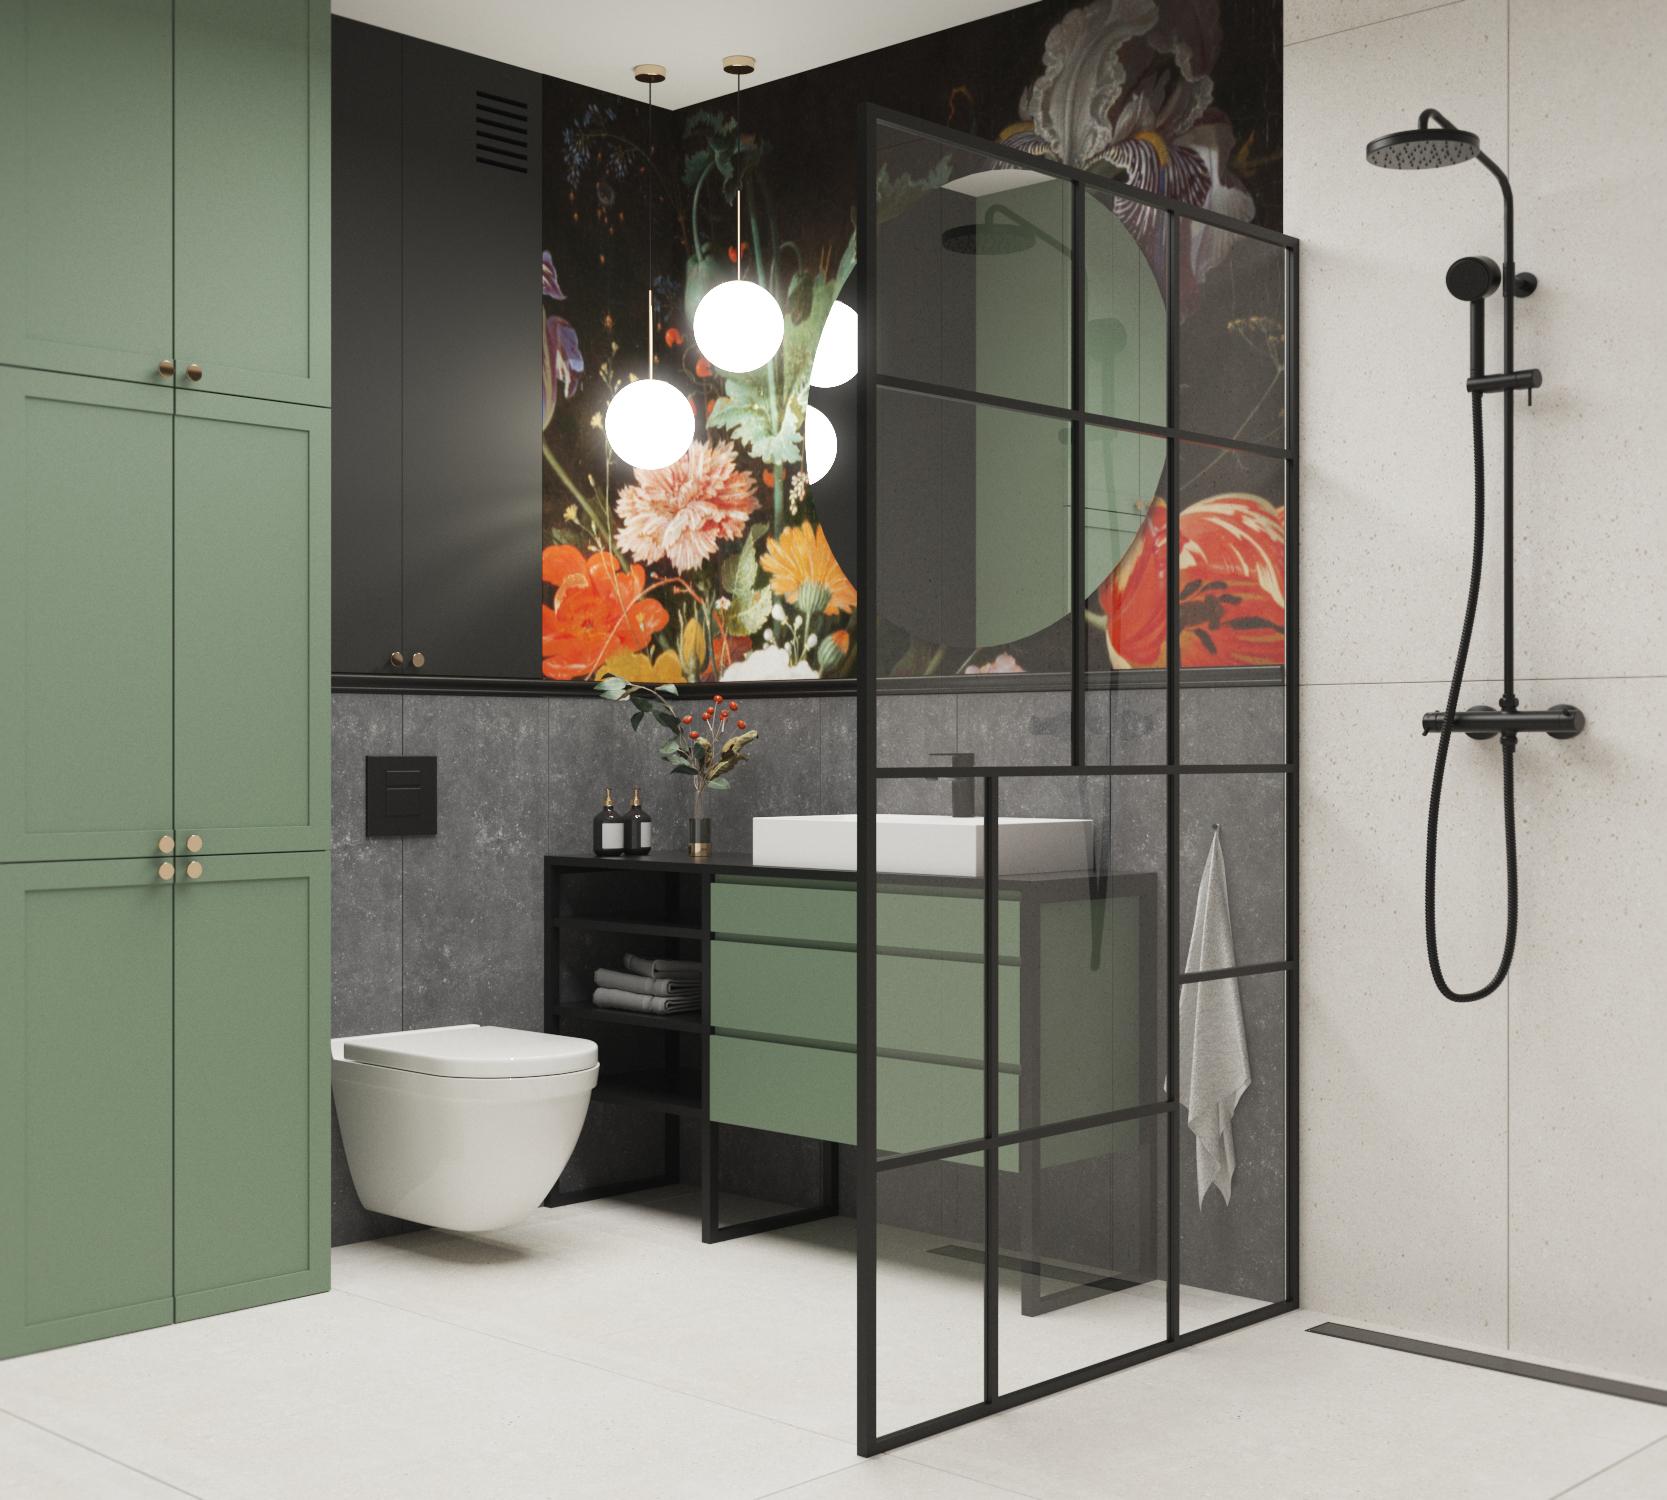 tapeta w łazience_wonderwall_tapeta do łazienki_zabudowy_pralka w zabudowie_zielone zabudowy_tapeta w kwiaty